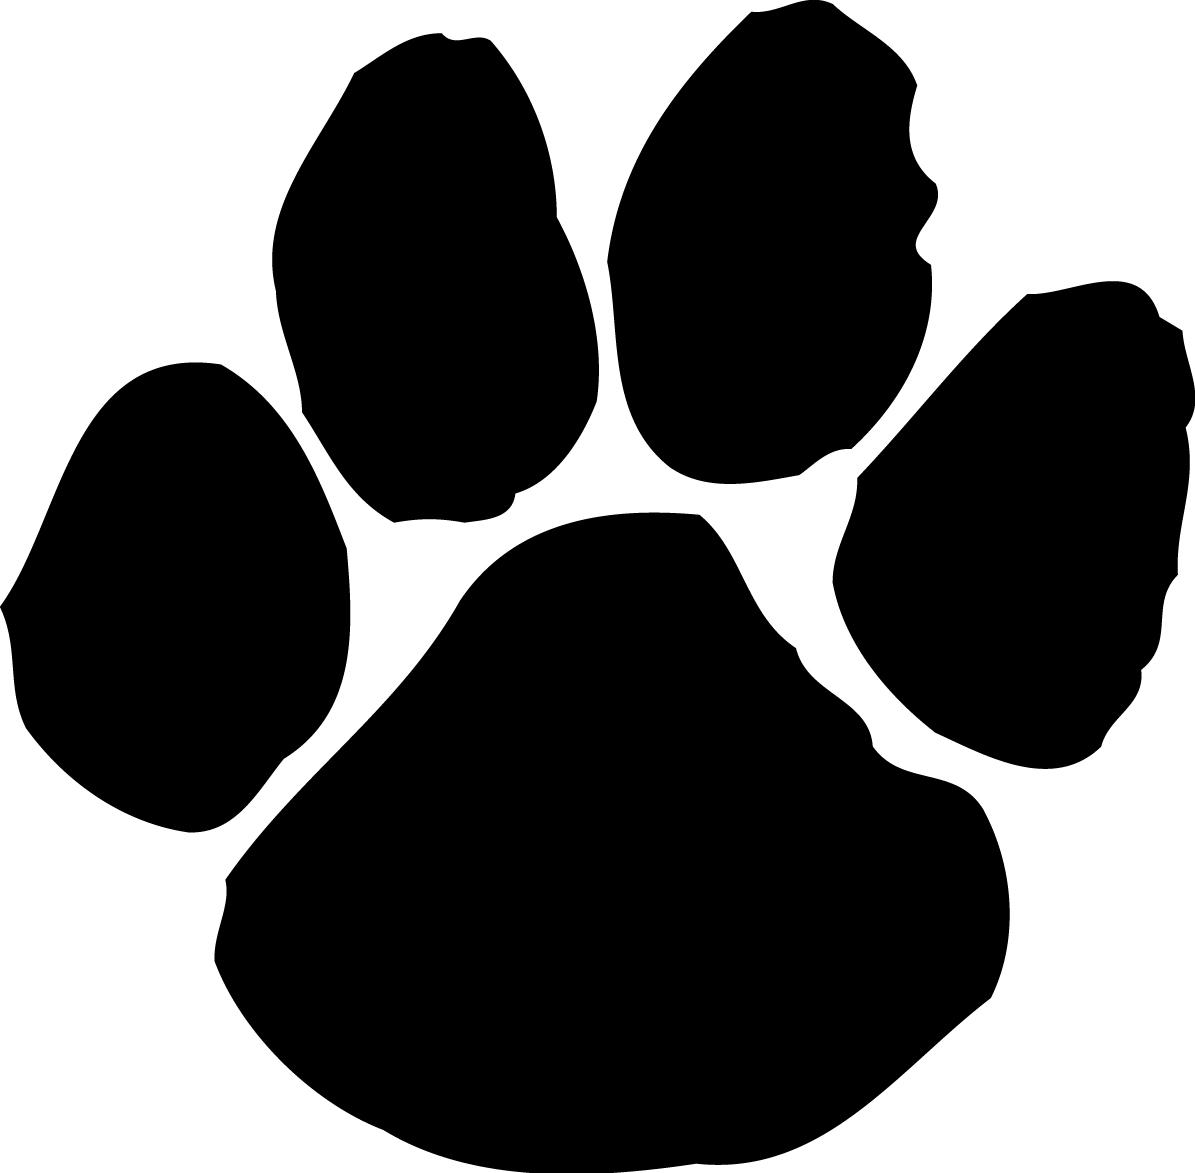 Cute dog paw print clipart - .